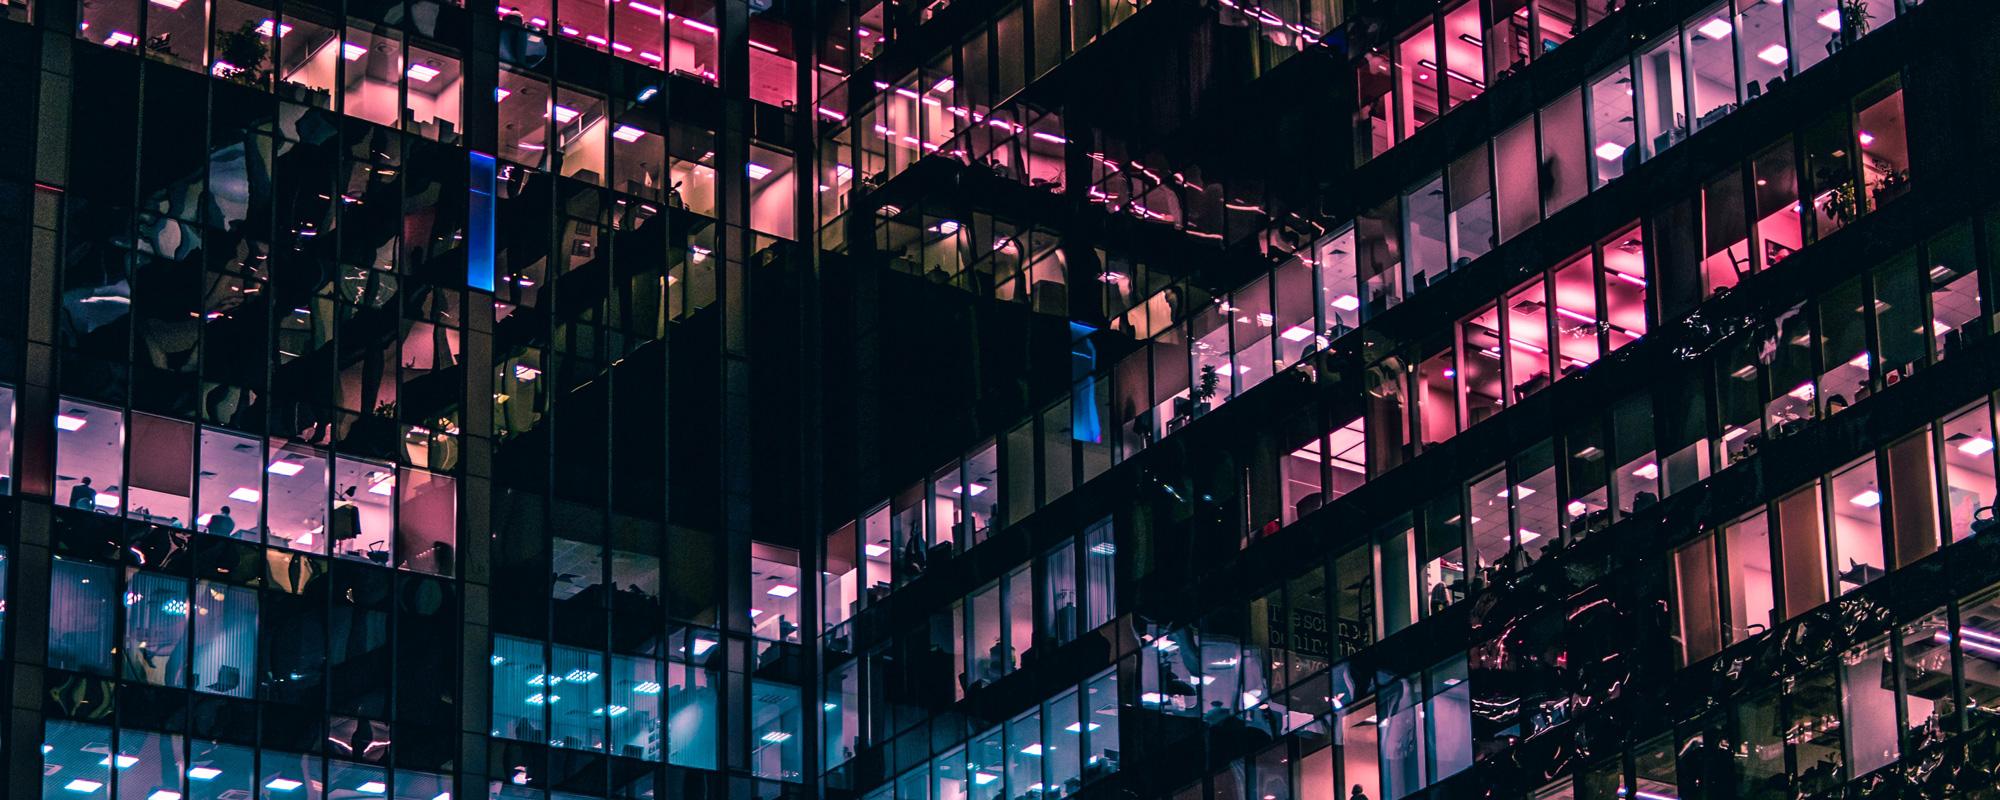 Farbig beleutetete Fenster eines modernen Bürogebäudes